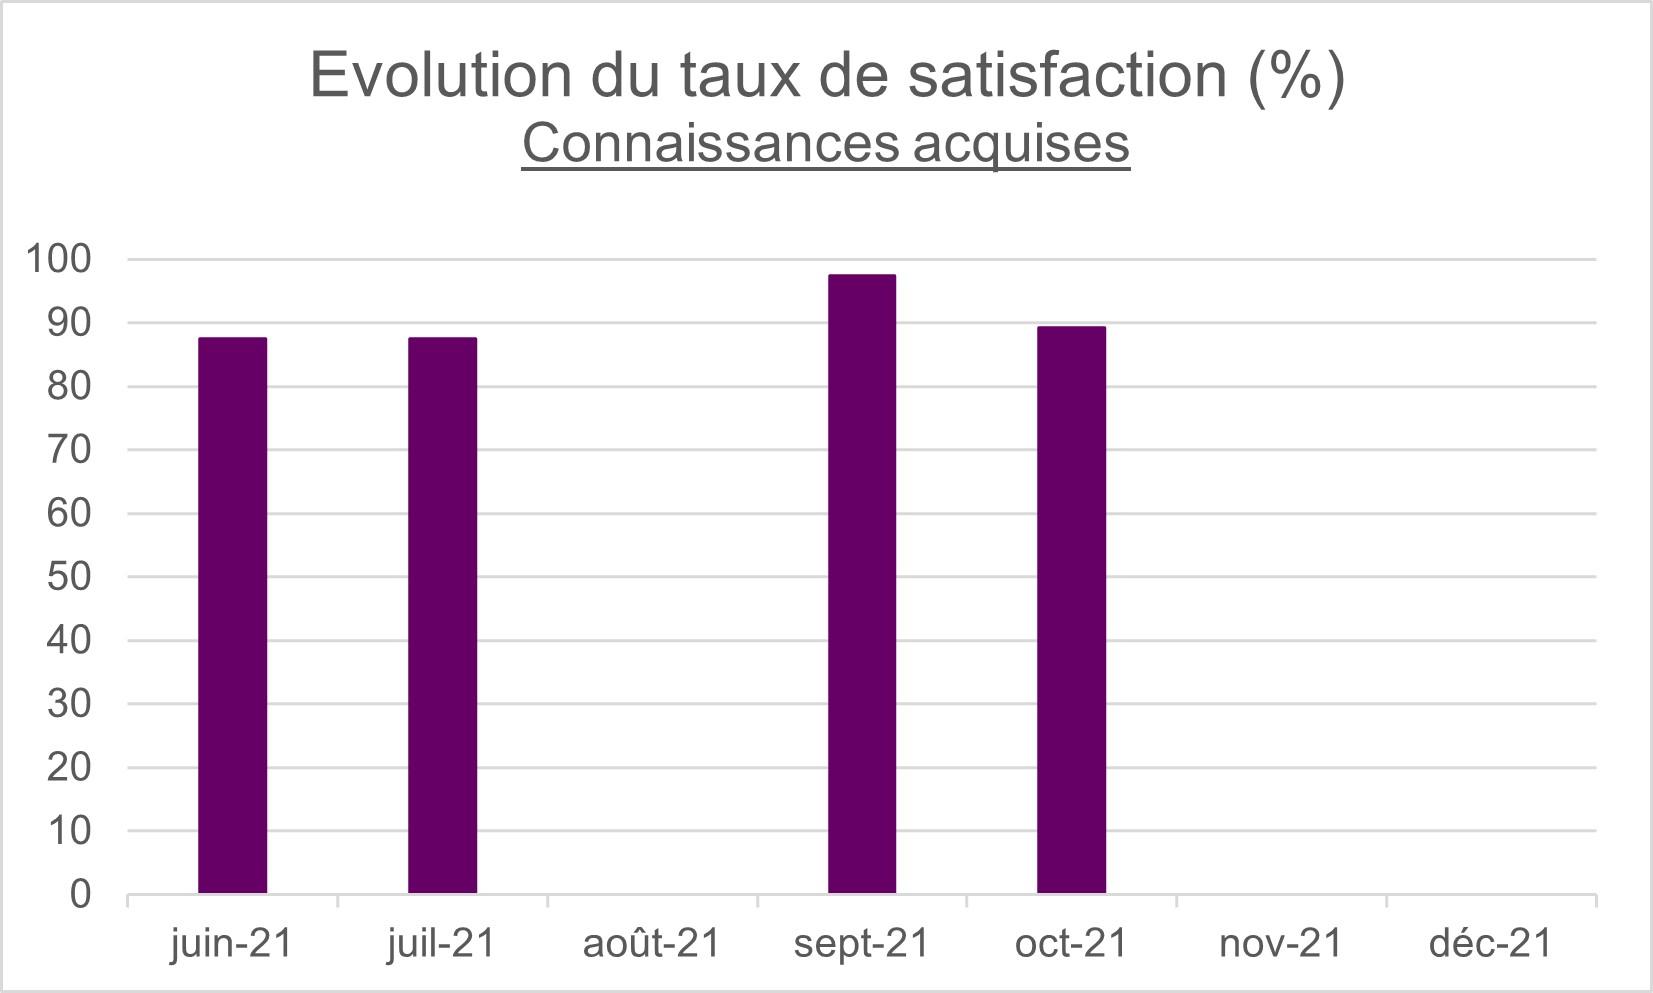 Évolution du taux de satisfaction - connaissances acquises - Anne O Sens